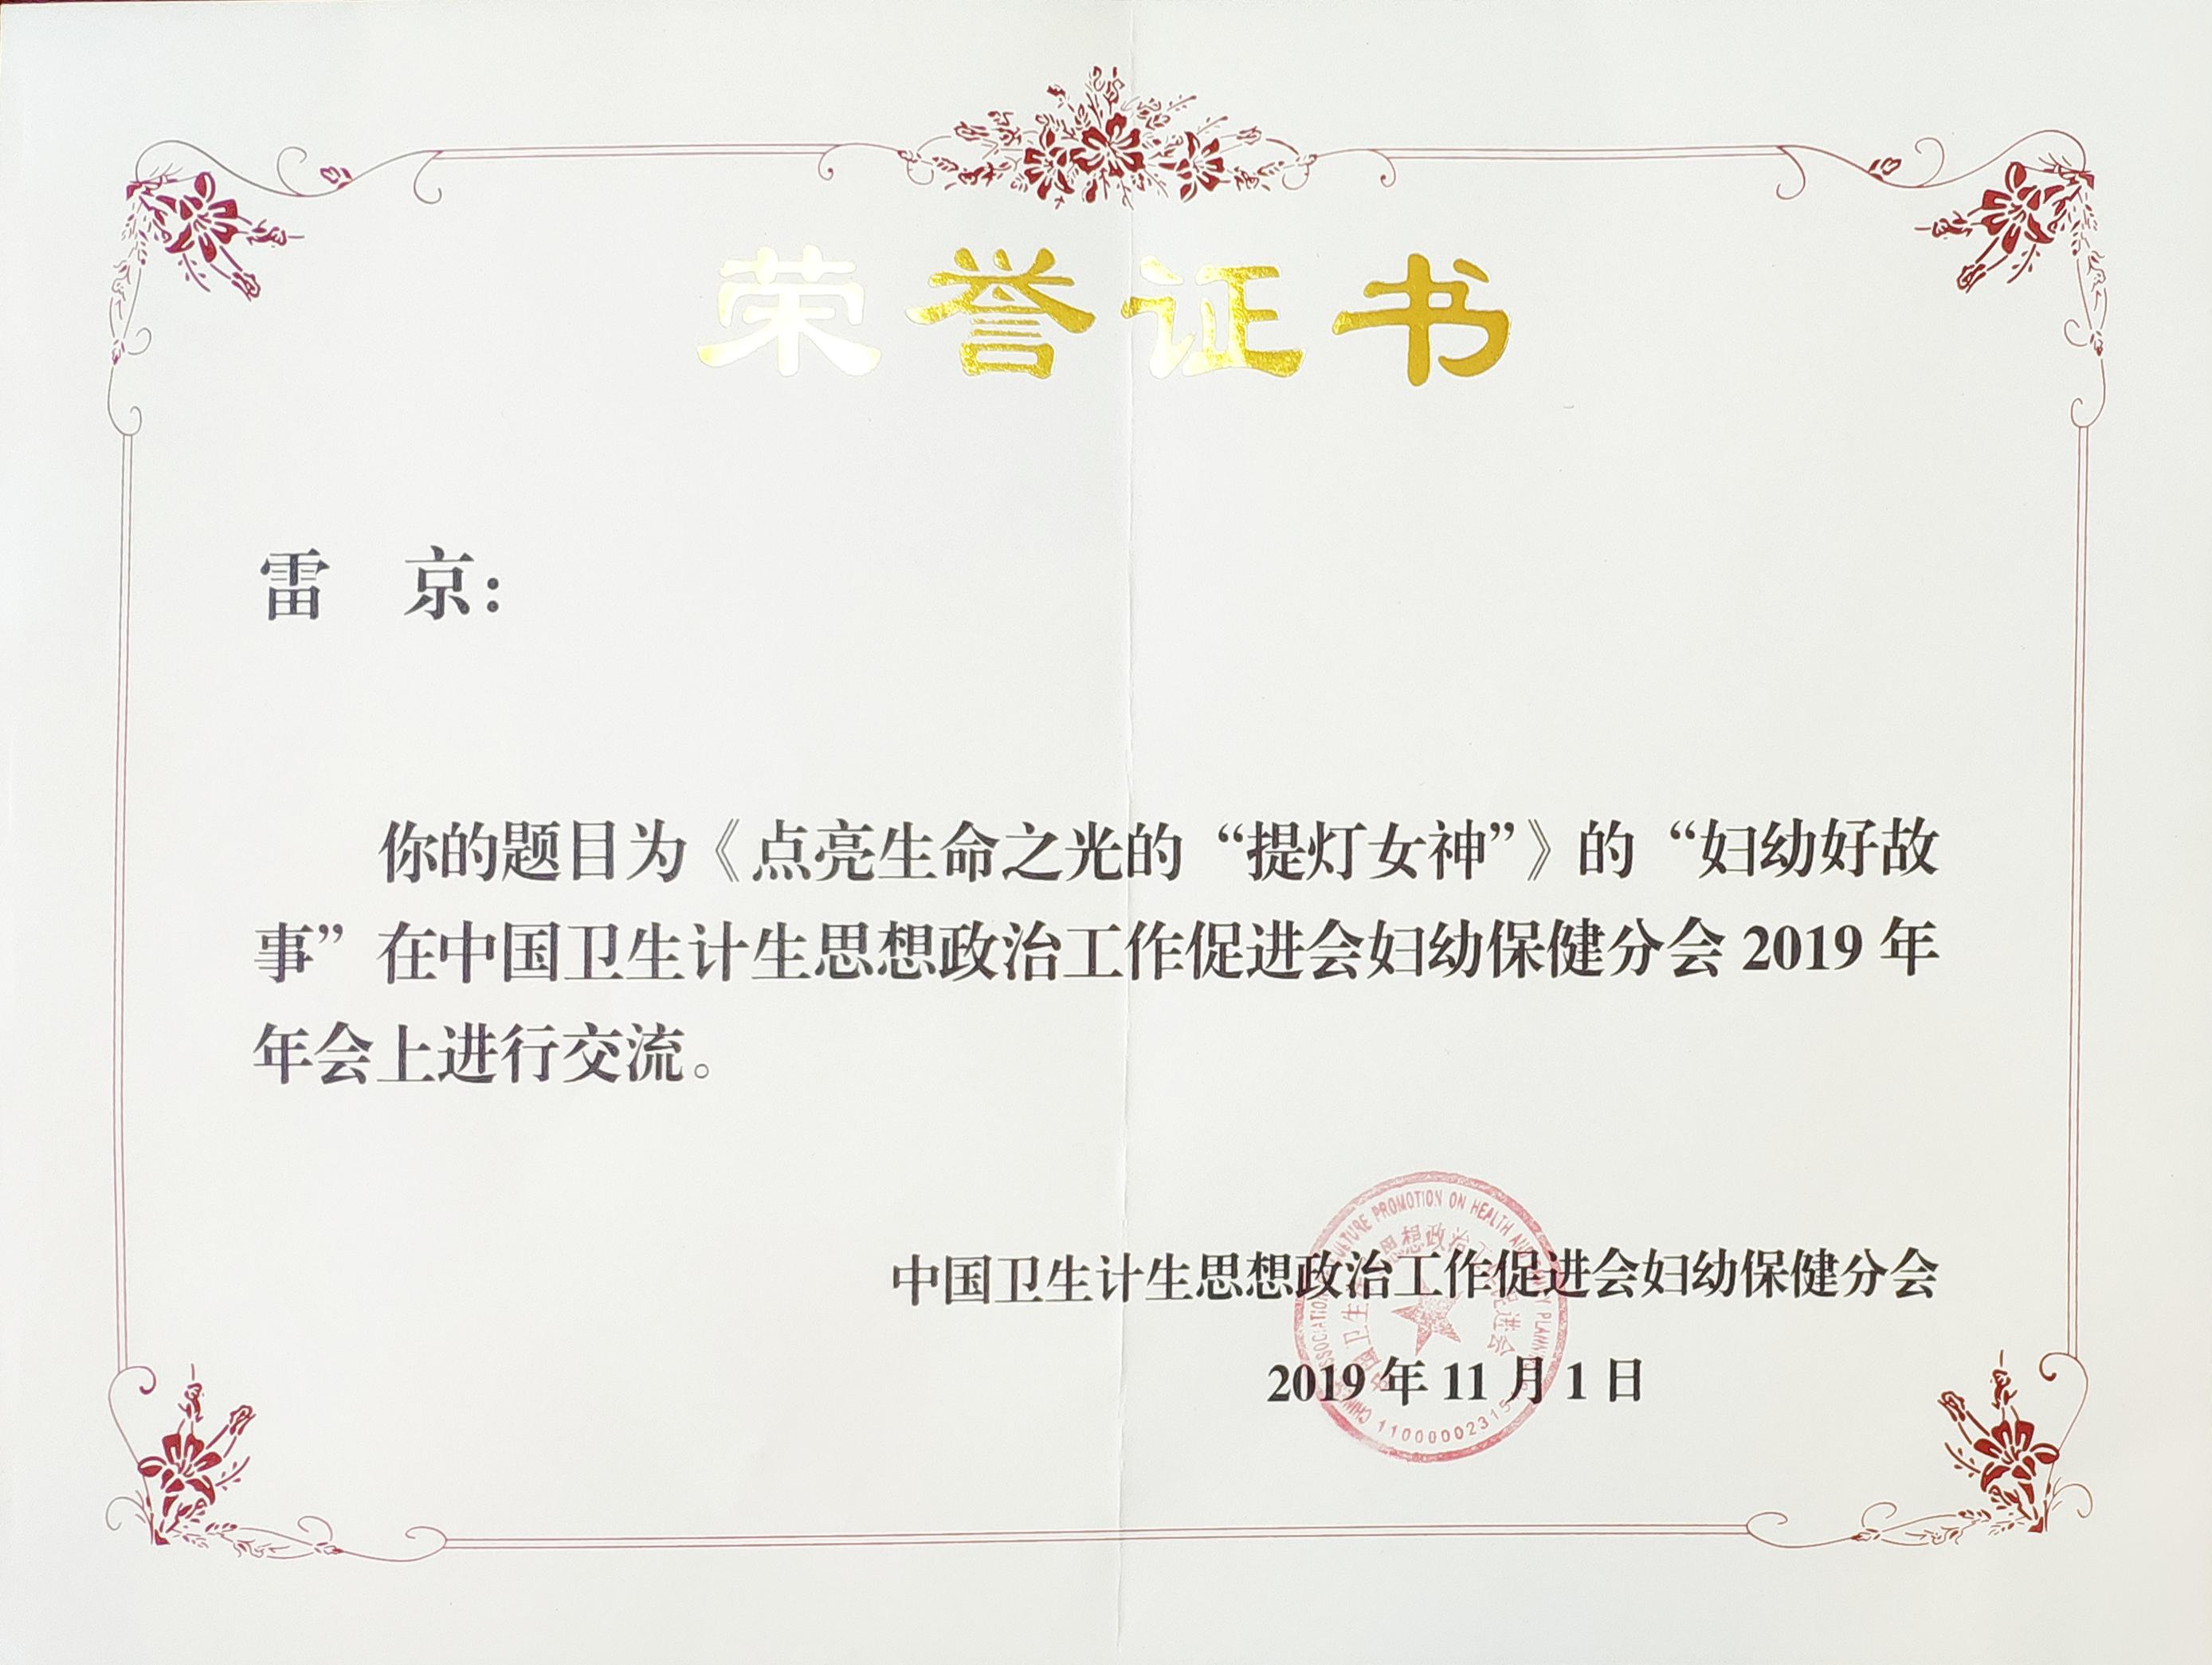 我院雷京同志先进事迹在中国卫生计生思想政治工作促进会上交流